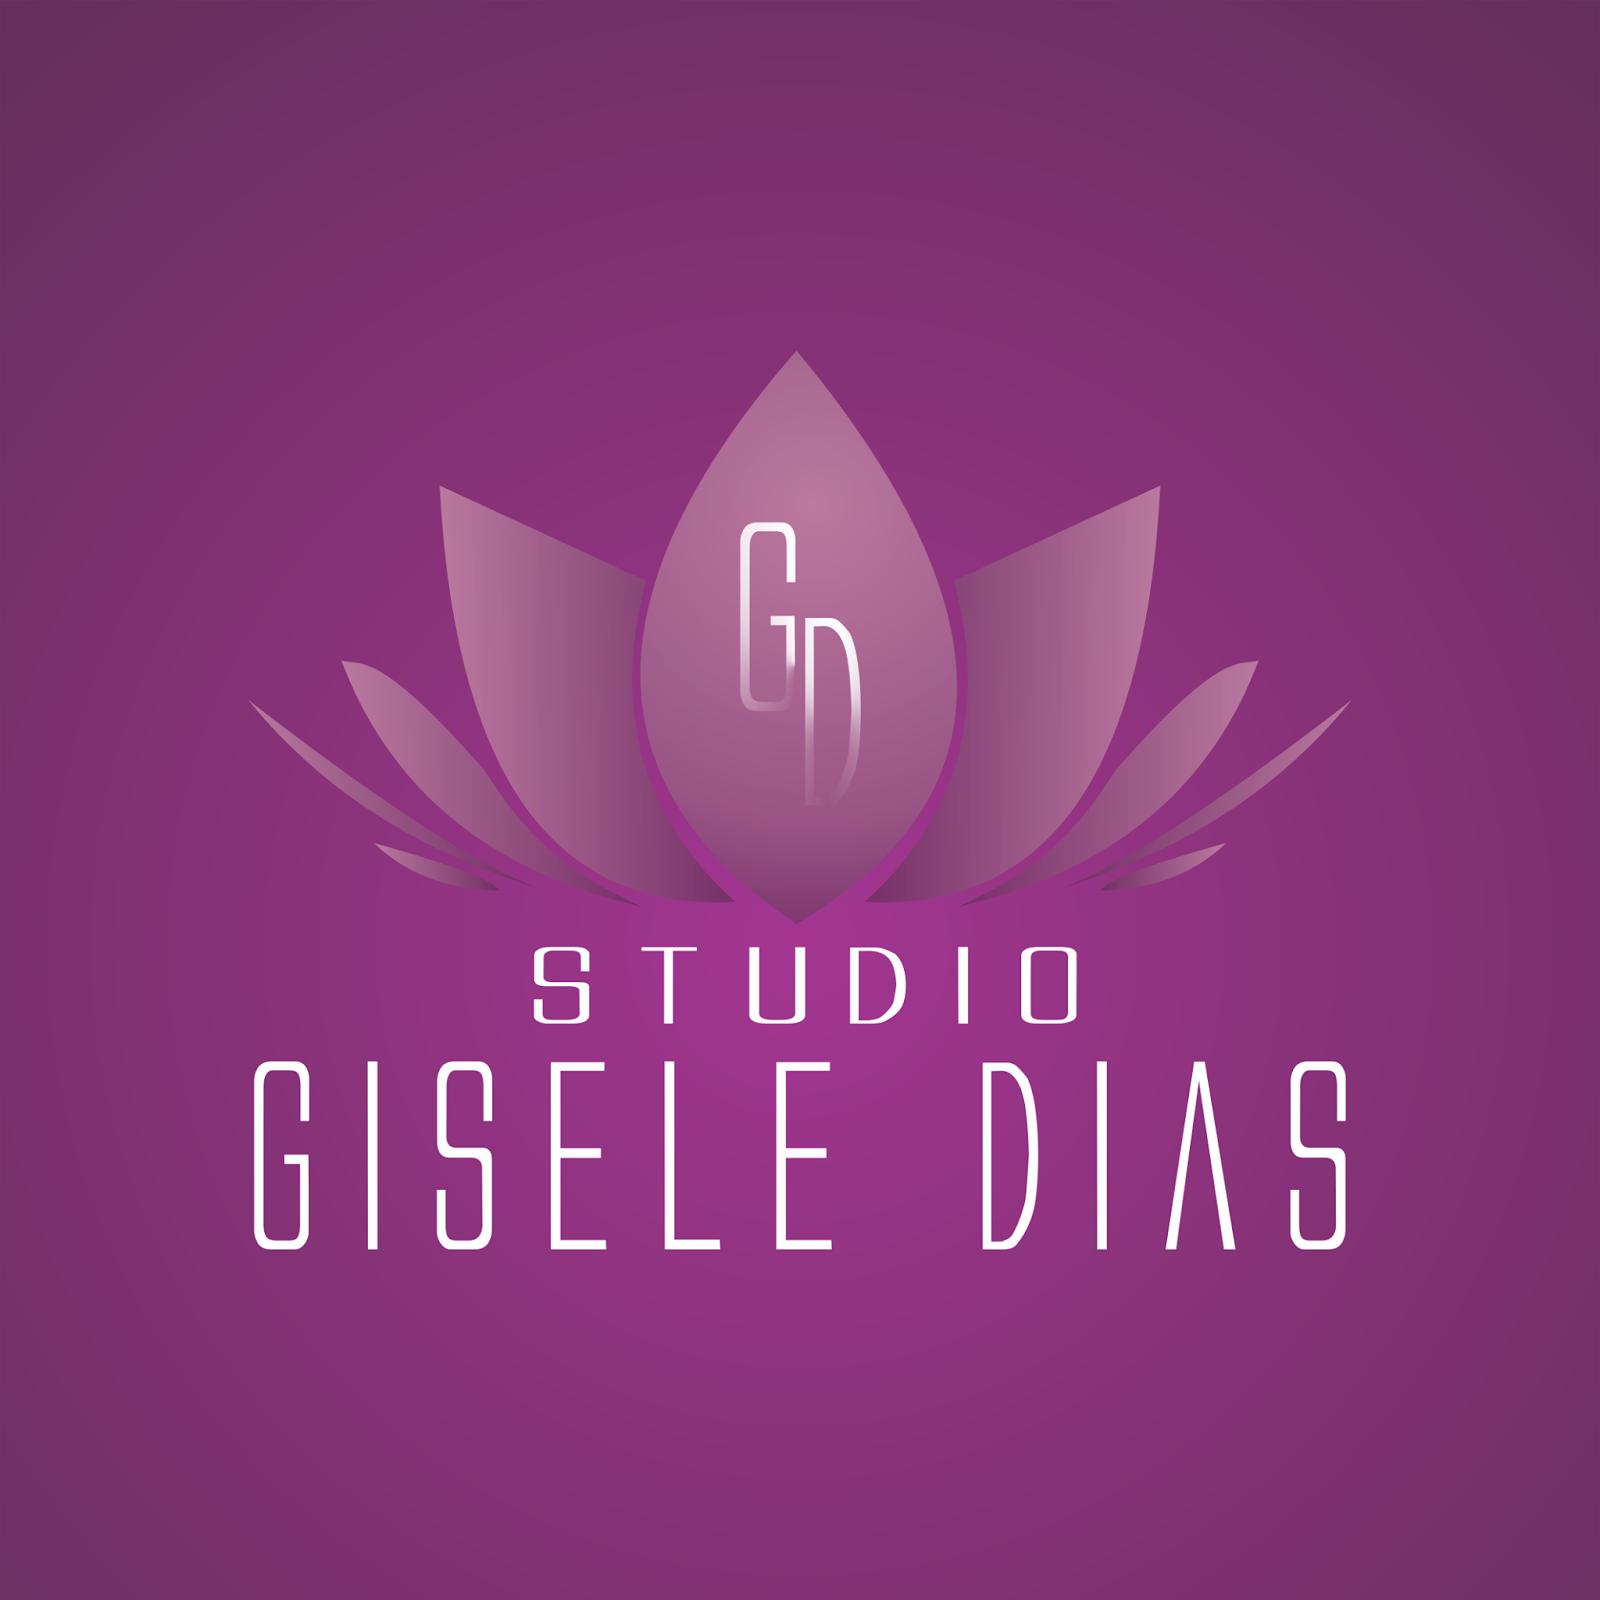 Studio GD 3536-4050